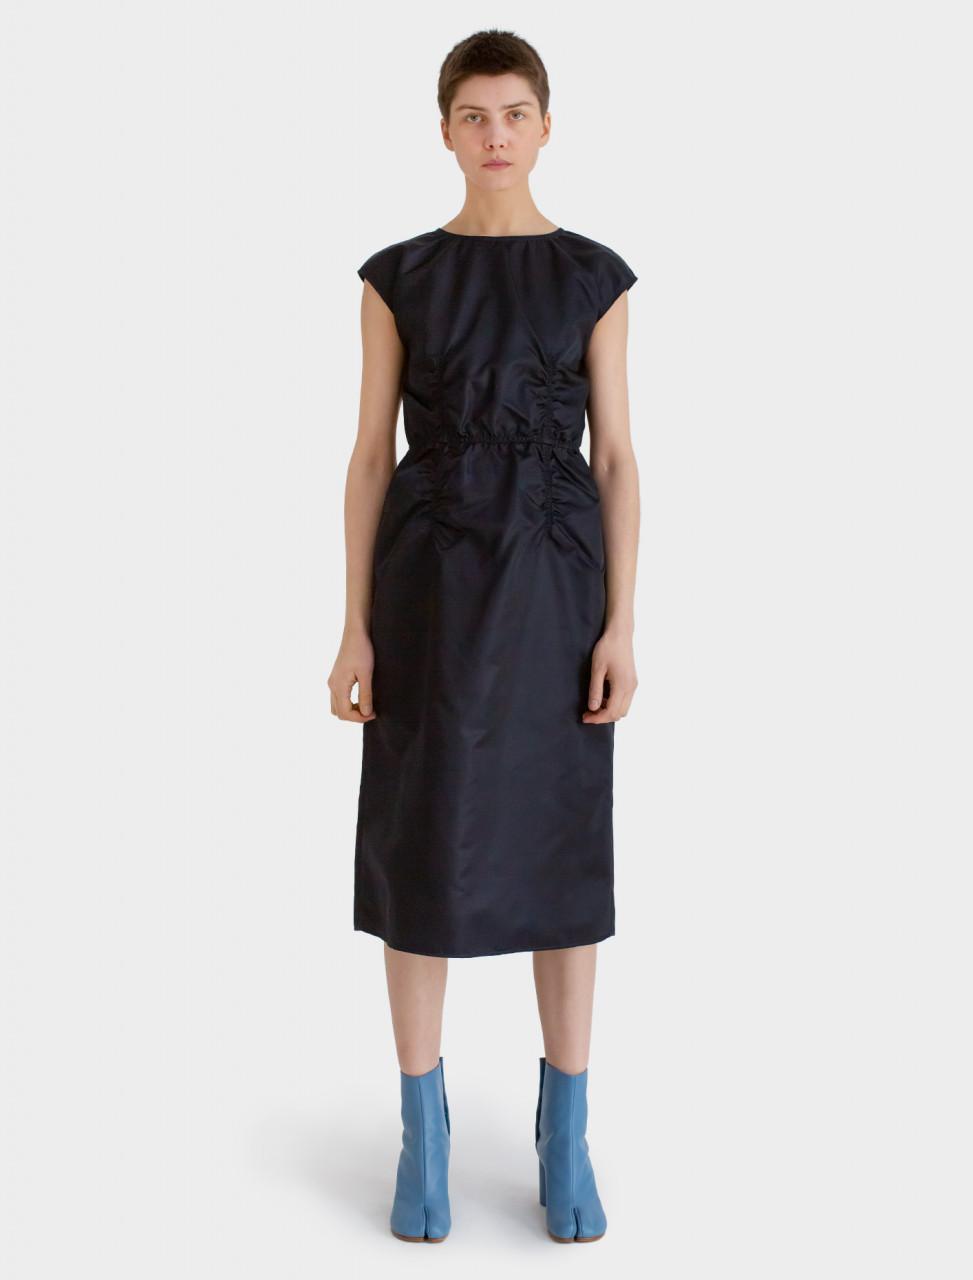 Sleevless Dress in Blue